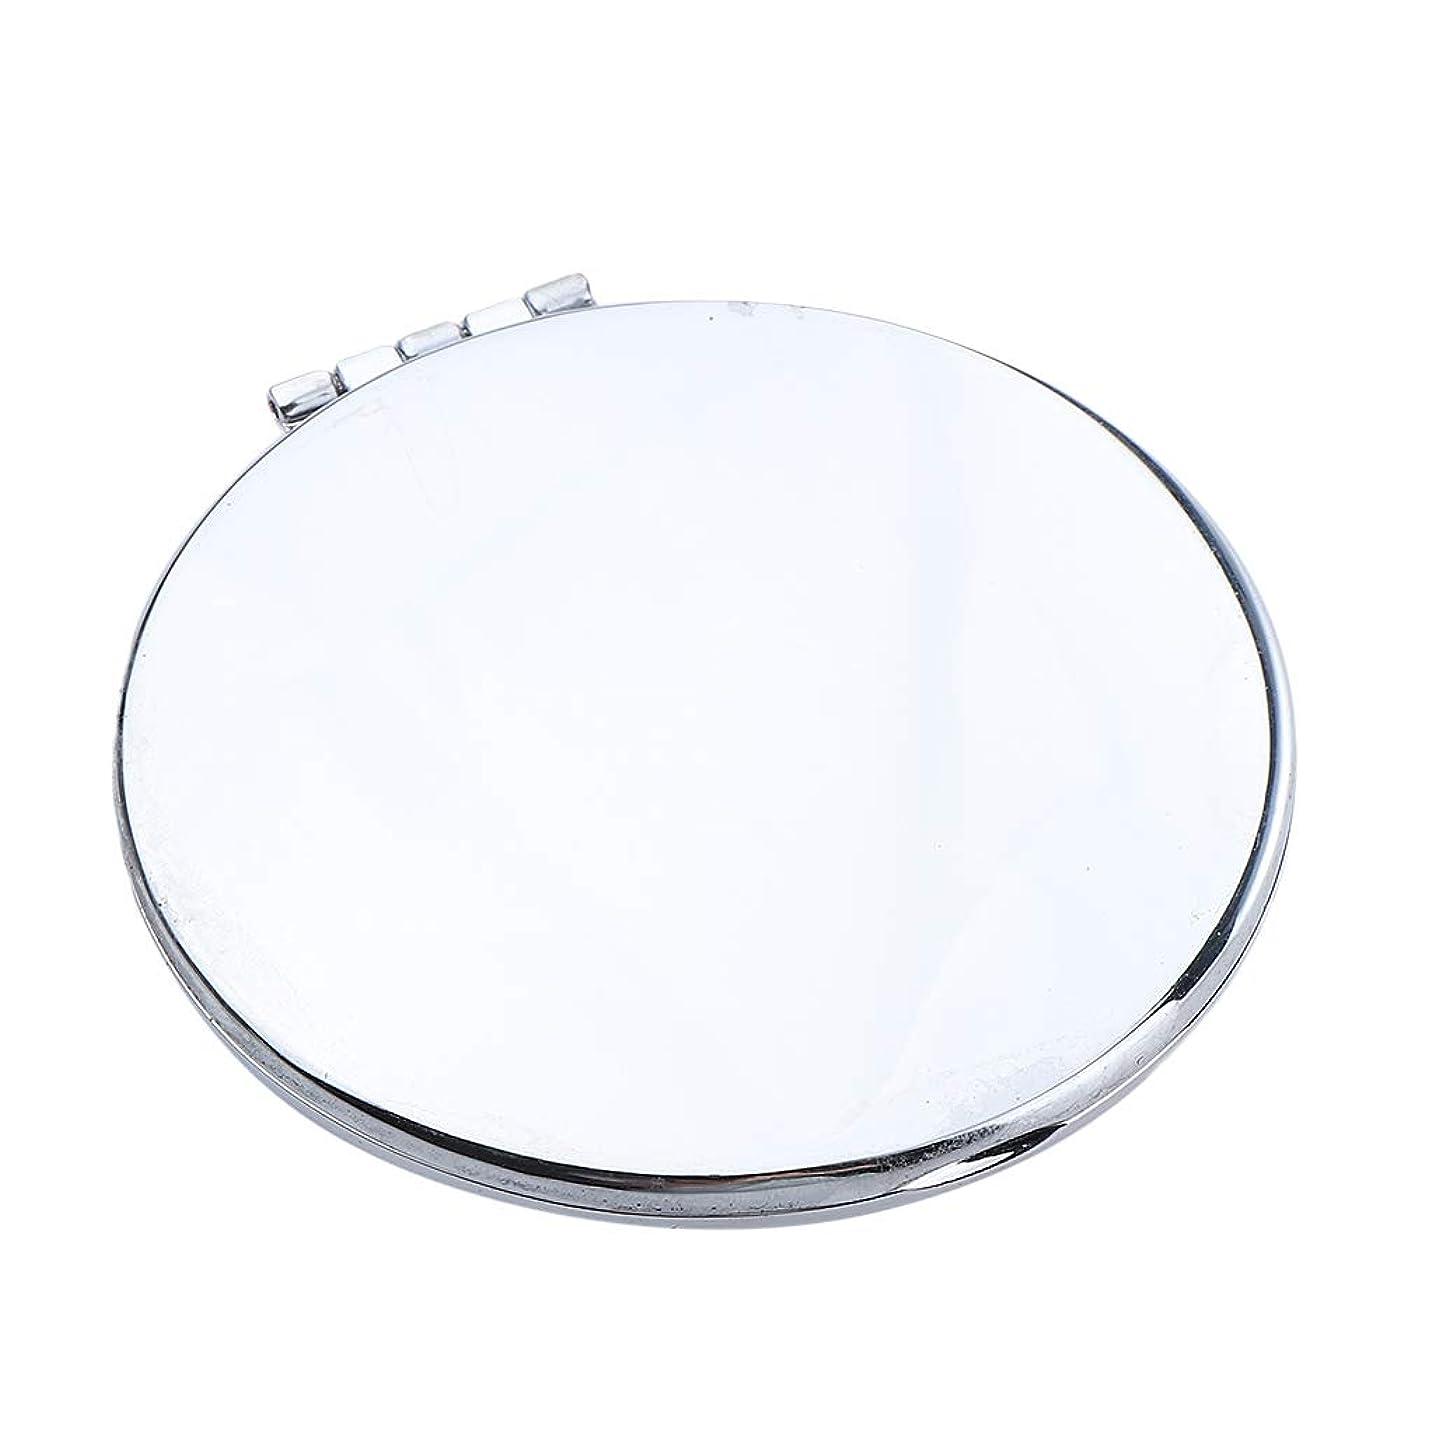 落ち着いた体操市場ポータブルポケットミラーコンパクトメイク化粧品ファッション虚栄心ミラー - 円形